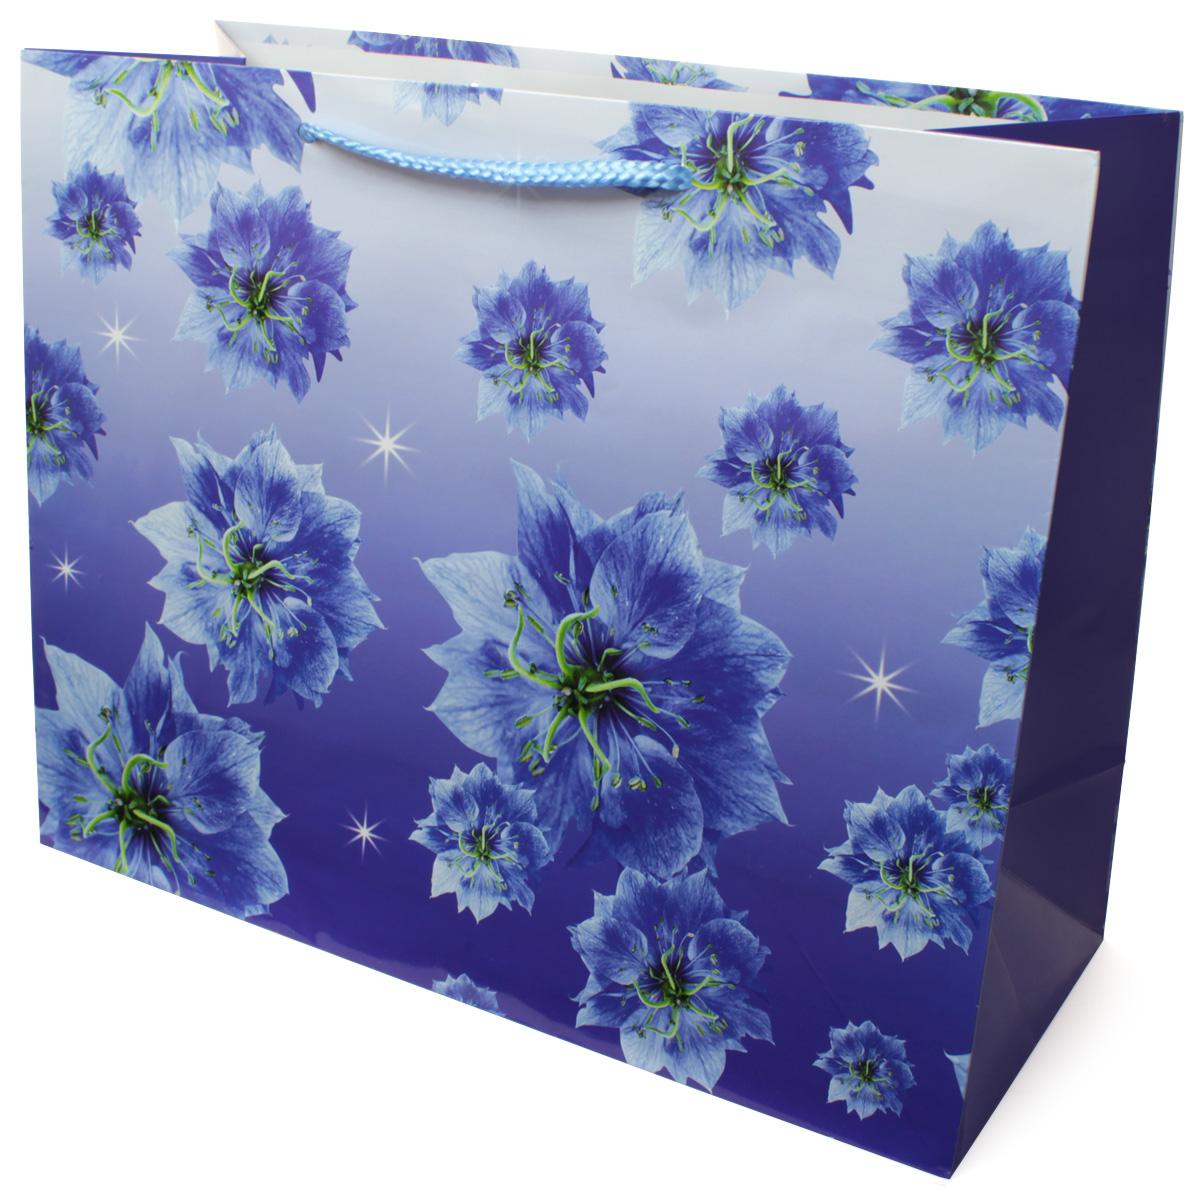 Пакет подарочный МегаМАГ Цветы, 32,7 х 26,4 х 13,6 см. 814 LH2163020-10Подарочный пакет МегаМАГ, изготовленный из плотной ламинированной бумаги, станет незаменимым дополнением к выбранному подарку. Для удобной переноски на пакете имеются ручки-шнурки.Подарок, преподнесенный в оригинальной упаковке, всегда будет самым эффектным и запоминающимся. Окружите близких людей вниманием и заботой, вручив презент в нарядном, праздничном оформлении.